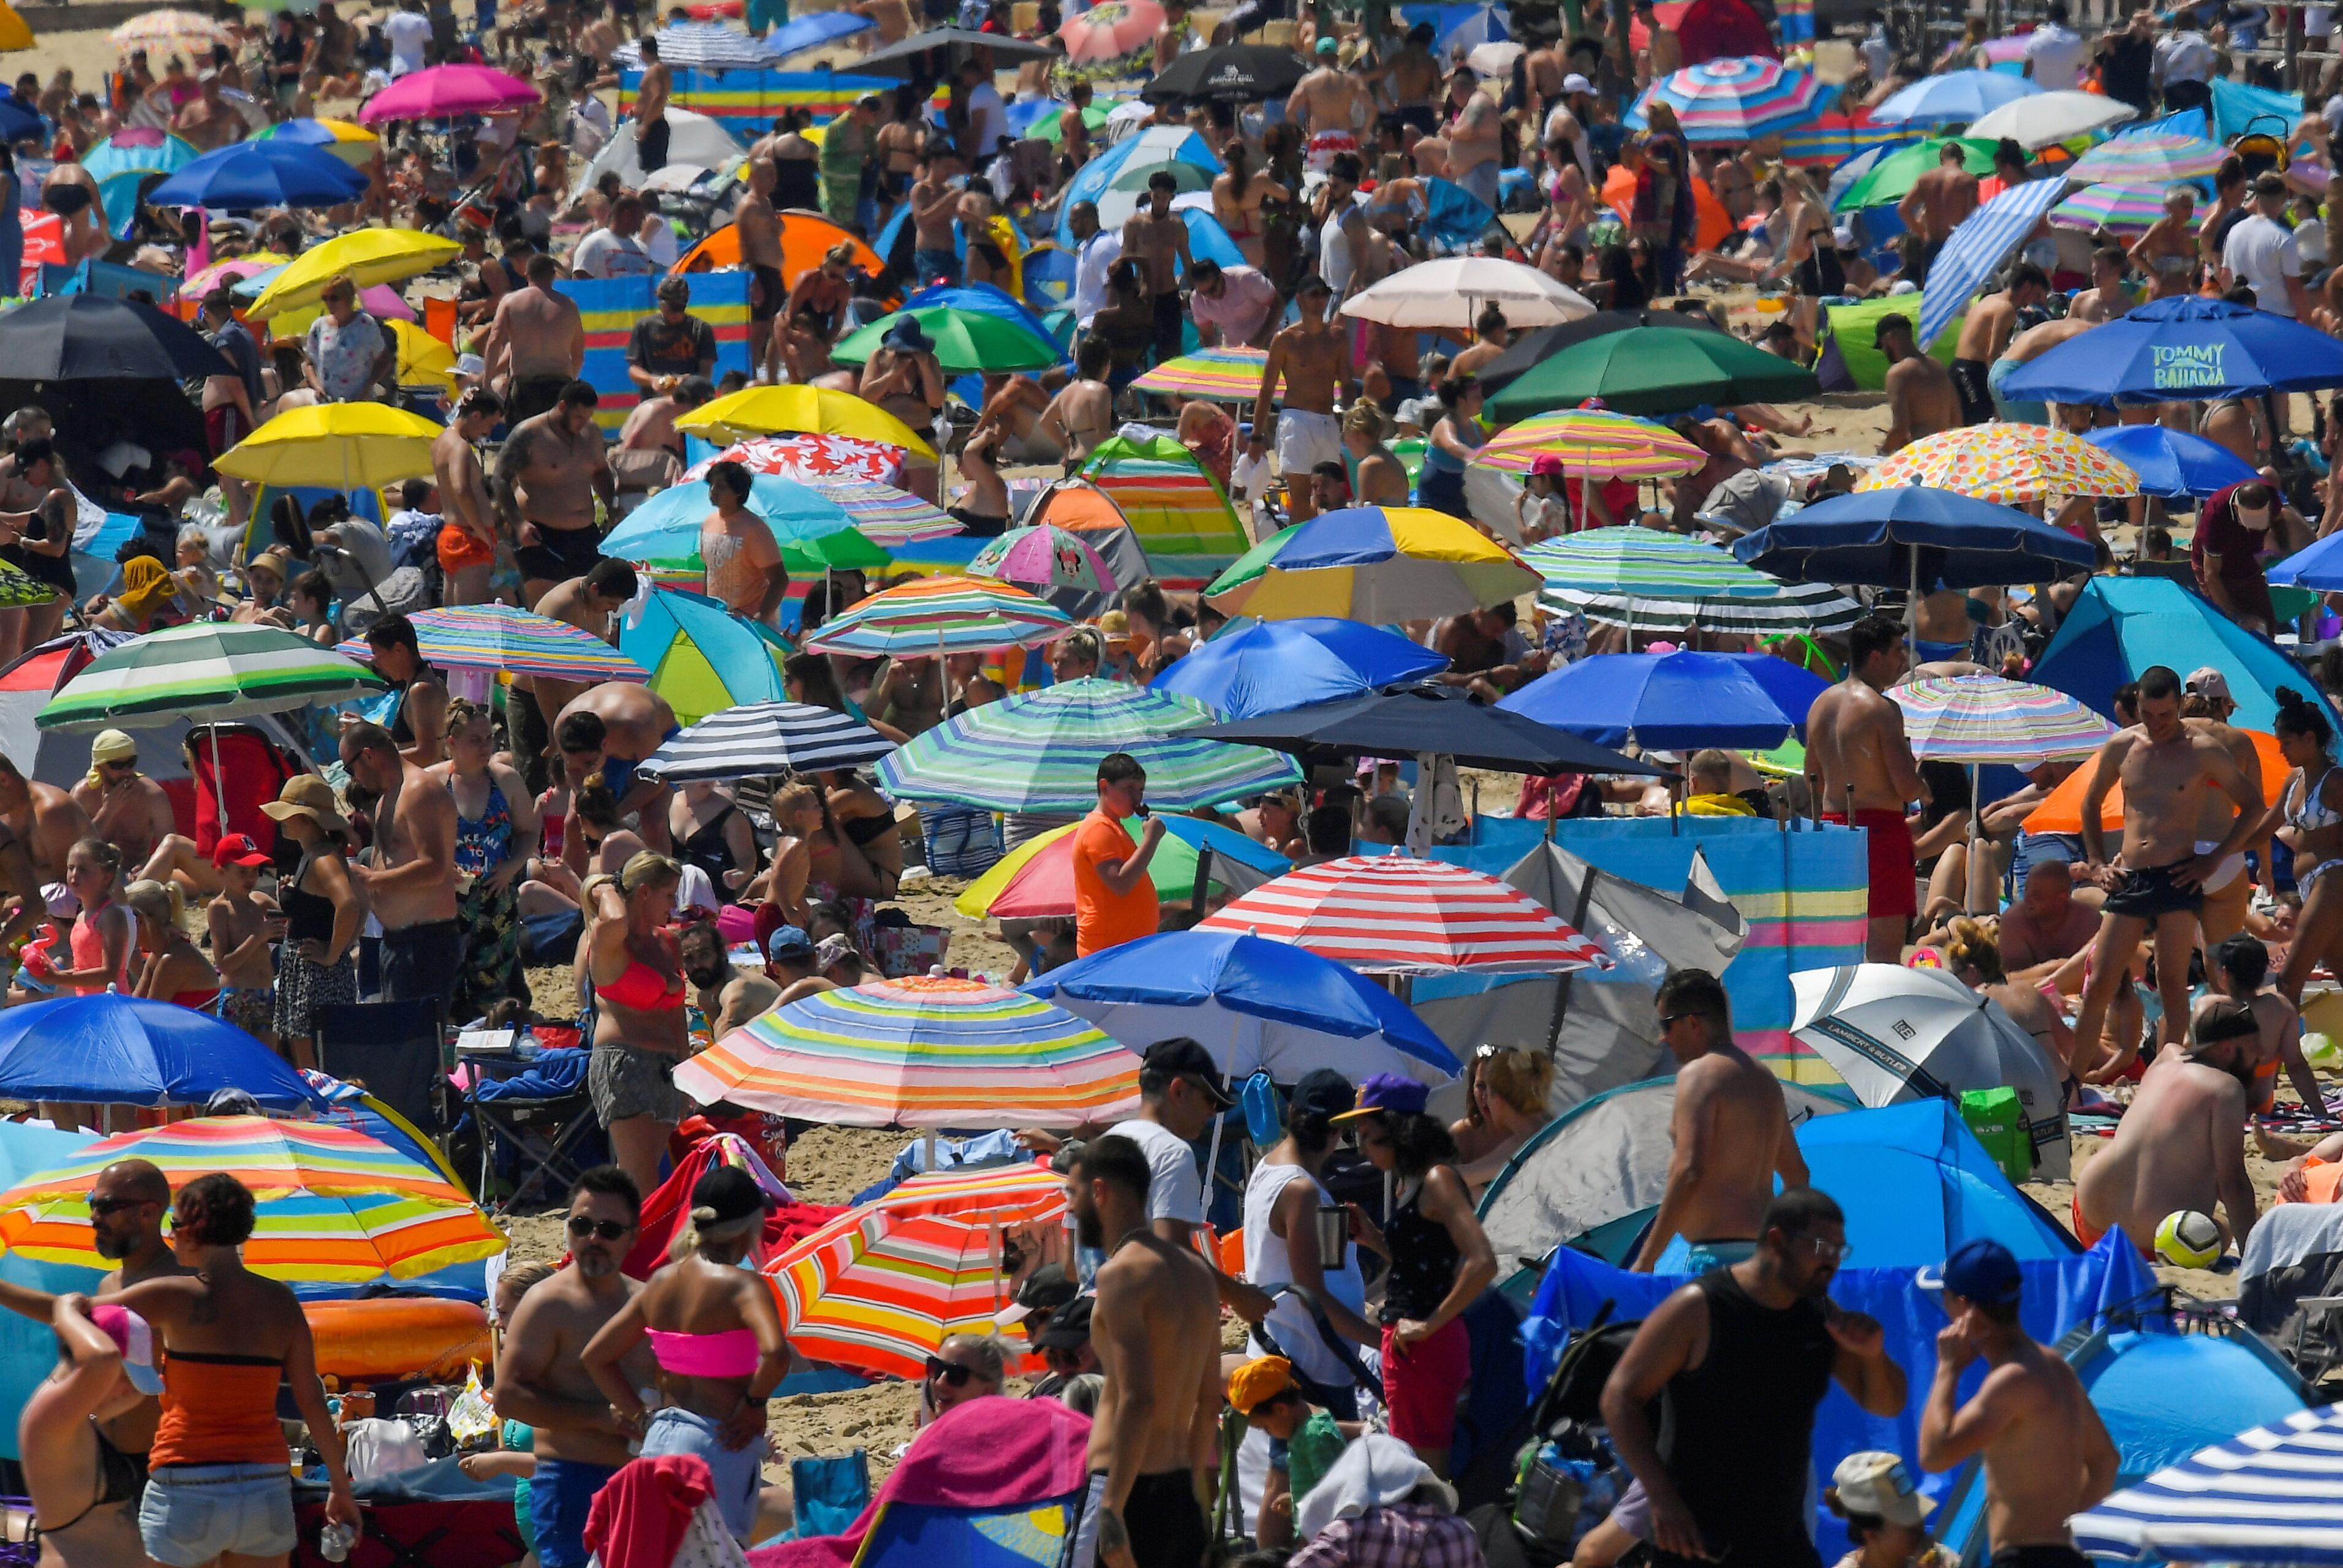 Tousende Menschen auf engem Raum am Strand in Bournemouth.